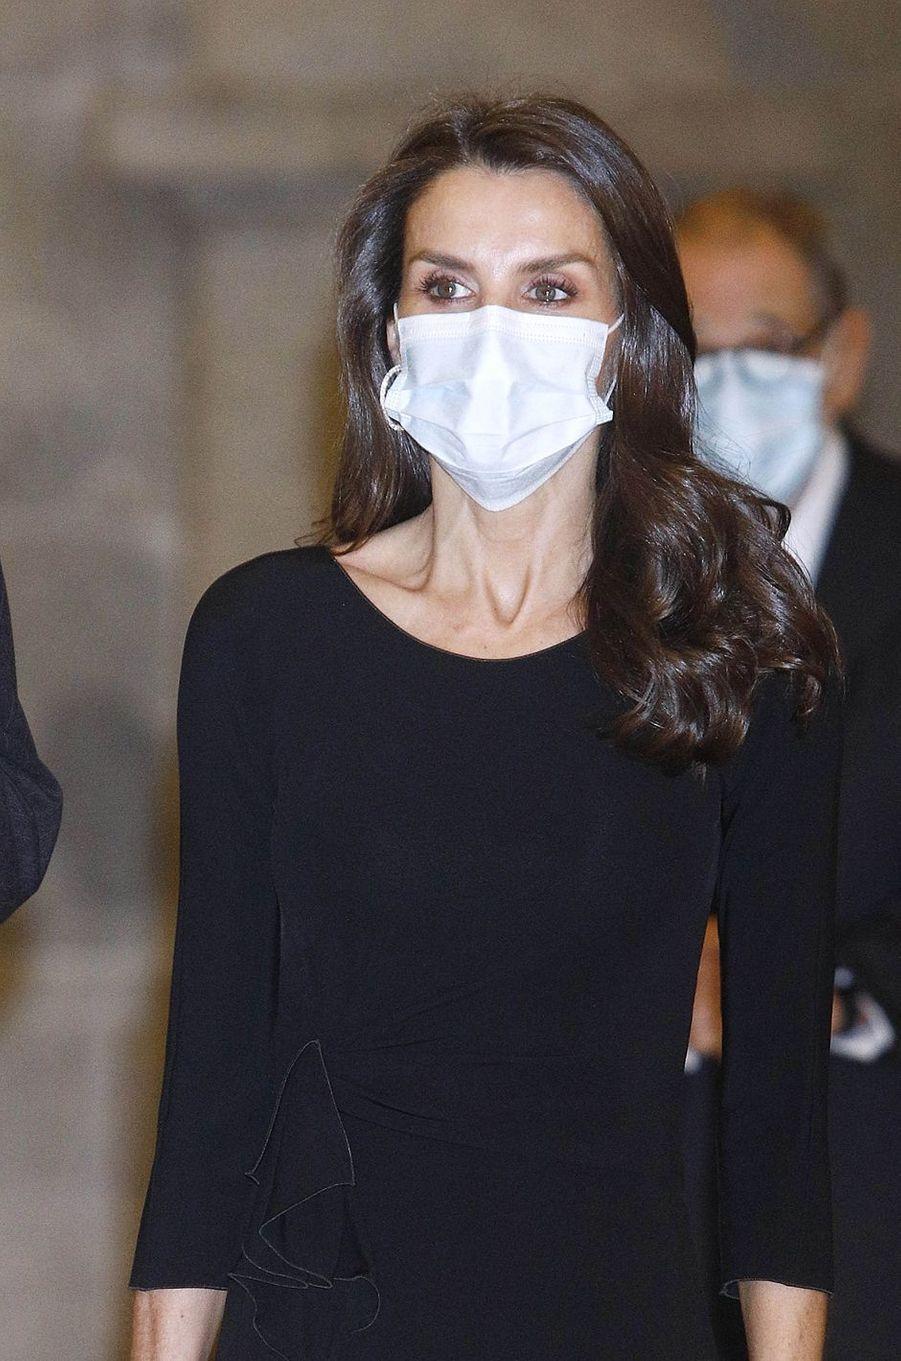 La reine Letizia d'Espagne, masquée, à Madrid le 18 novembre 2020